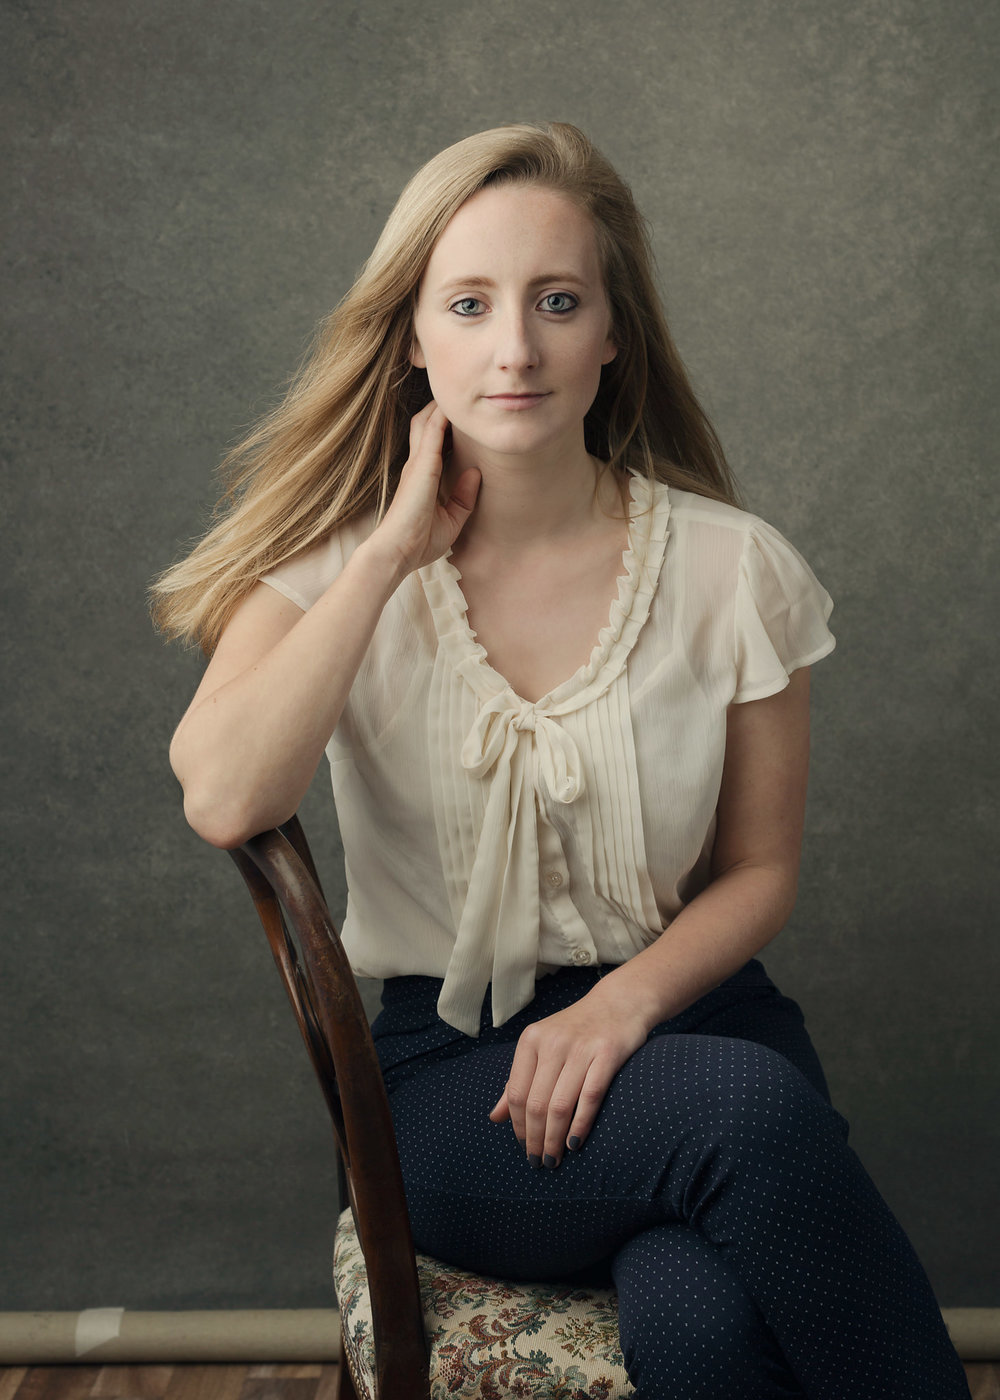 Susannah editorial portrait